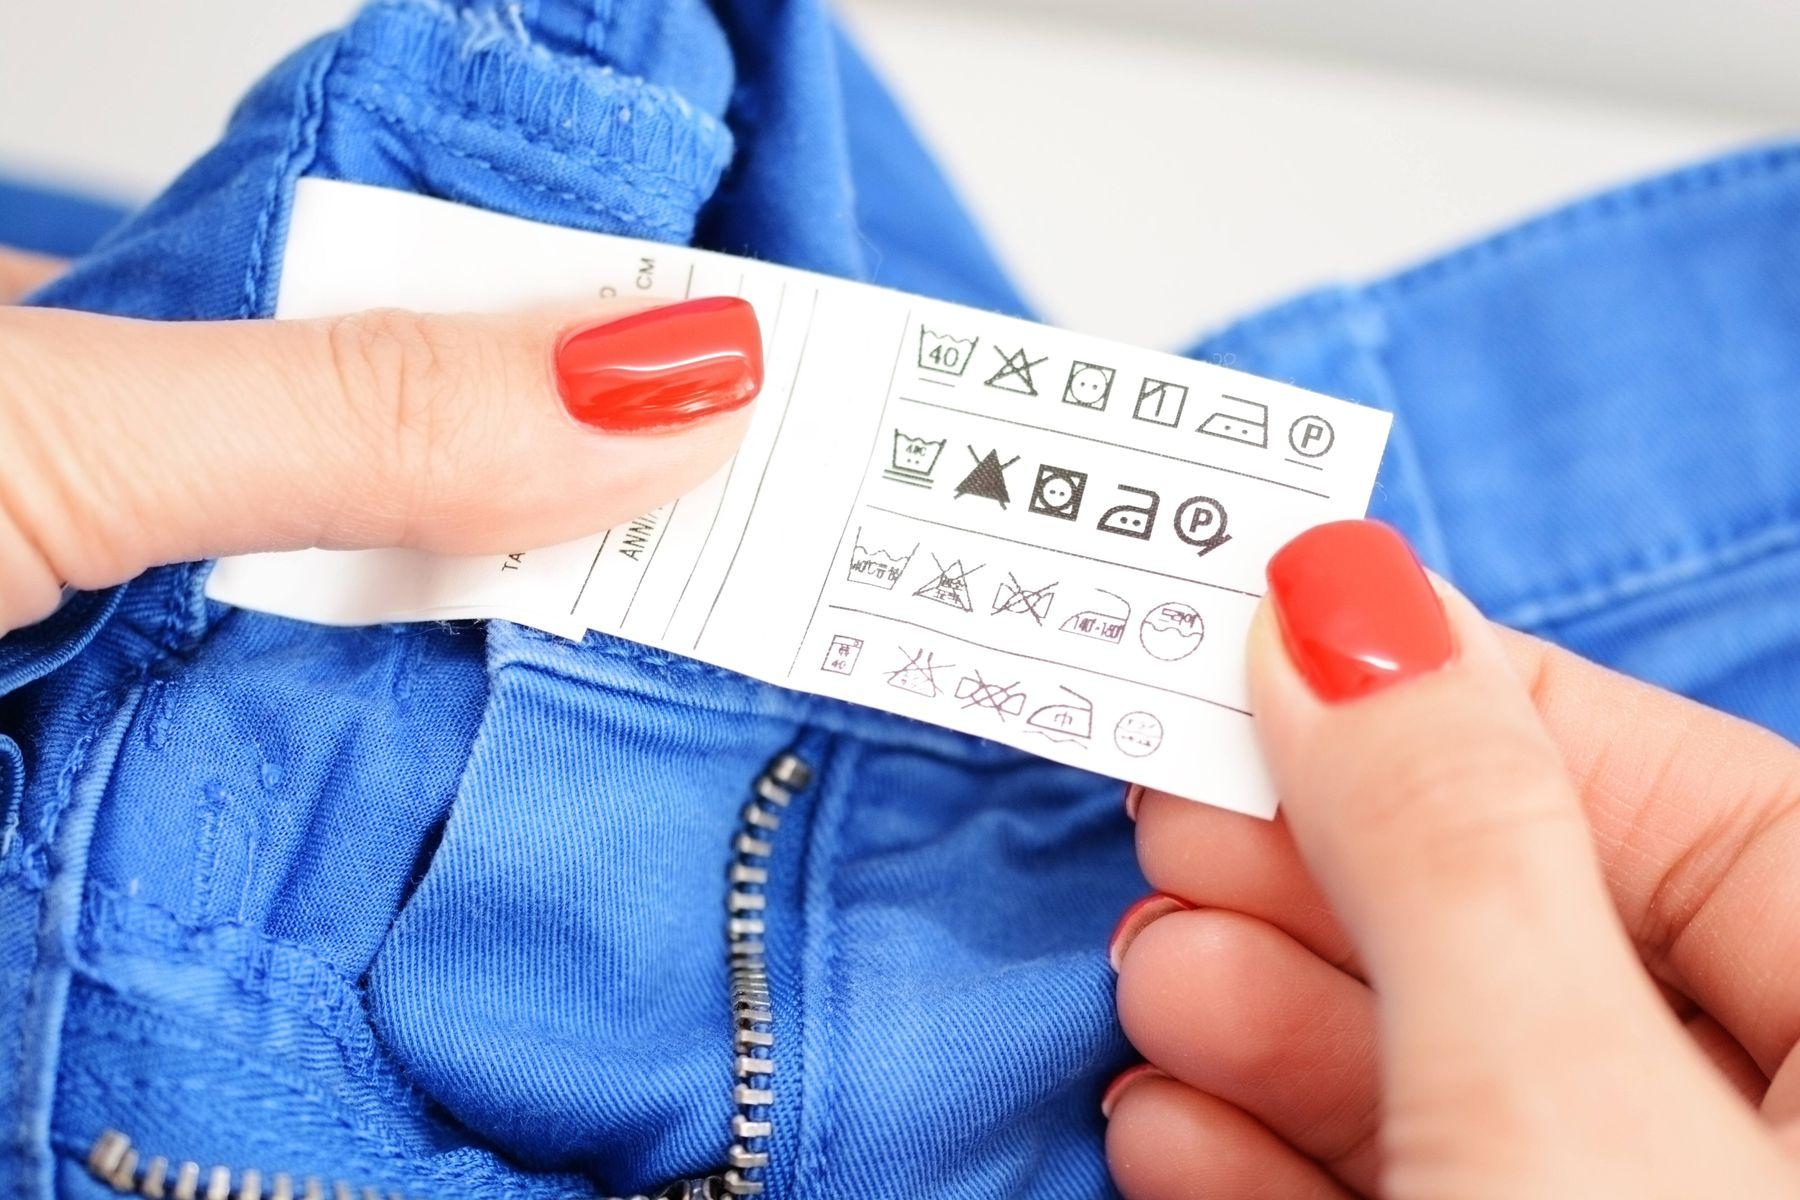 Pantolon ütülemenin birinci adımı etiketinde yer alan talimatları okumak ve ütü ayarınızı buna göre yapmaktır.